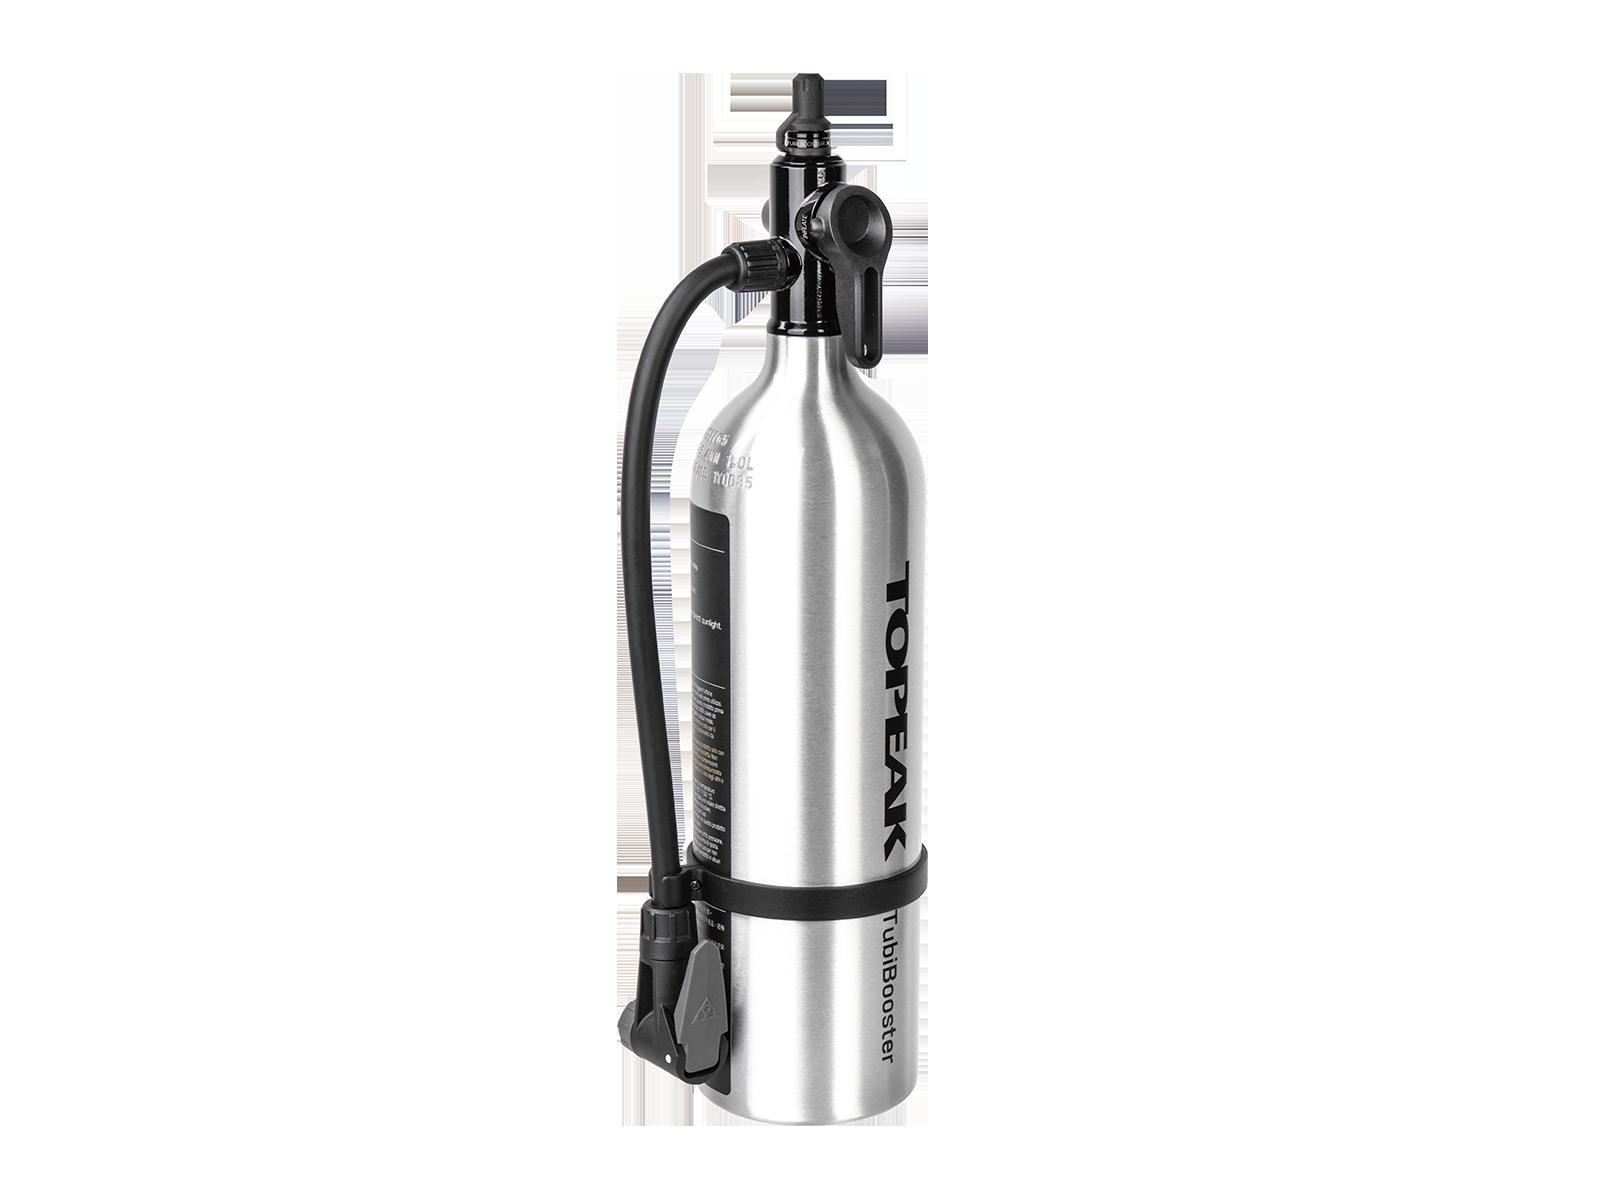 Topeak TubiBooster X Drucklufttank für Tubelessreifen